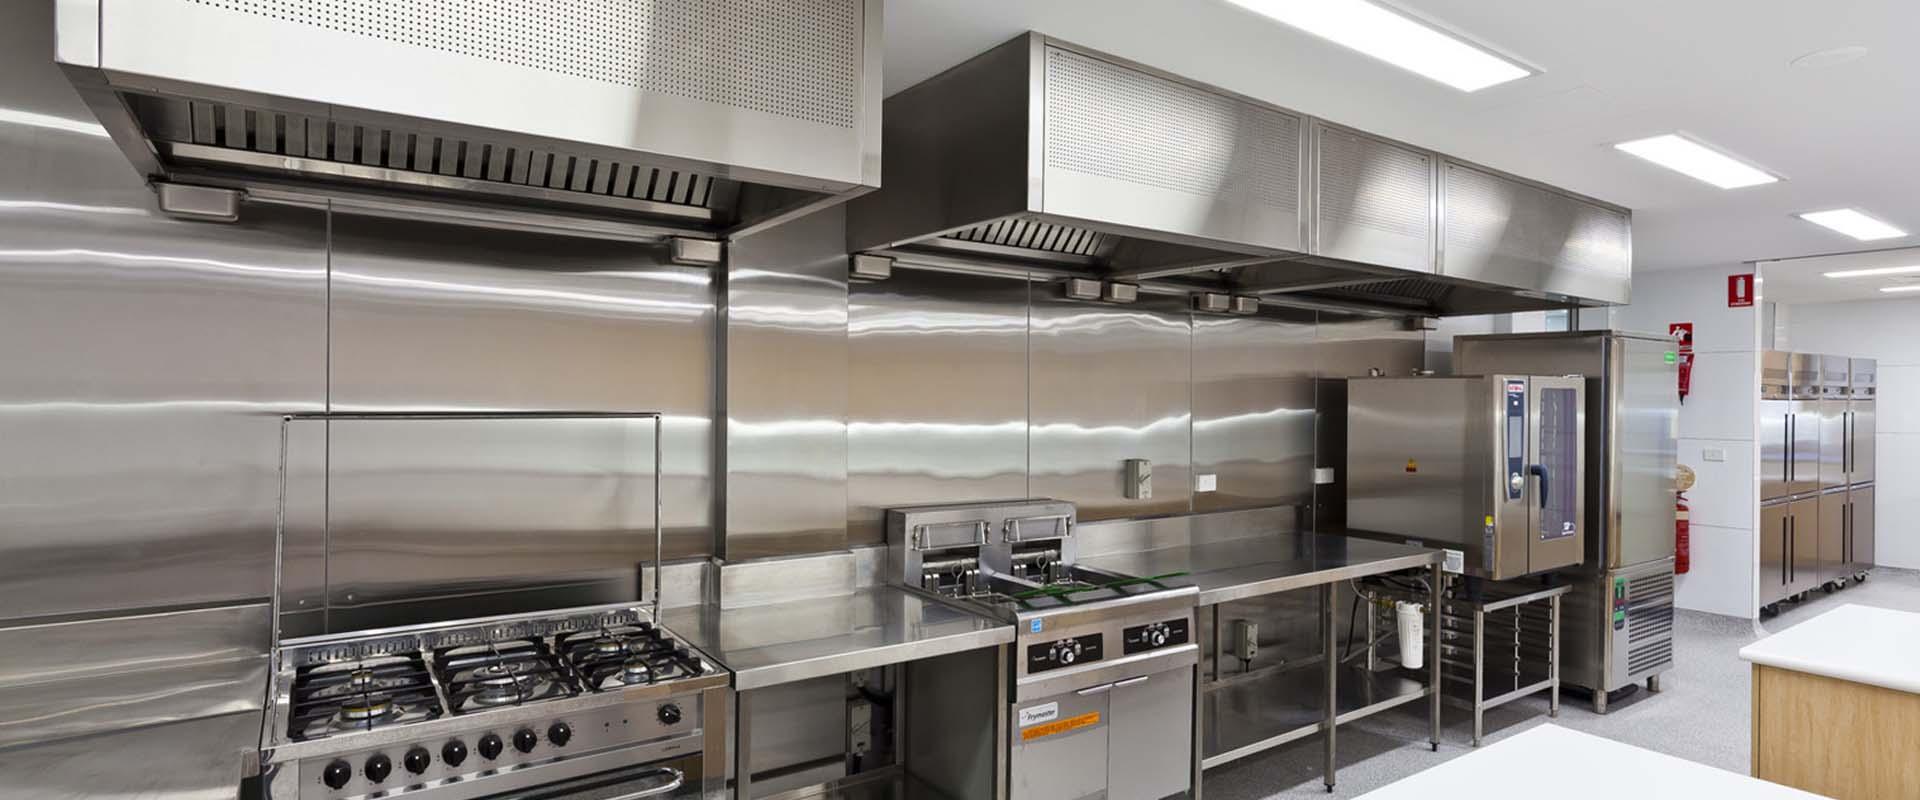 Grupo Zingal  Equipos y Cocinas Industriales